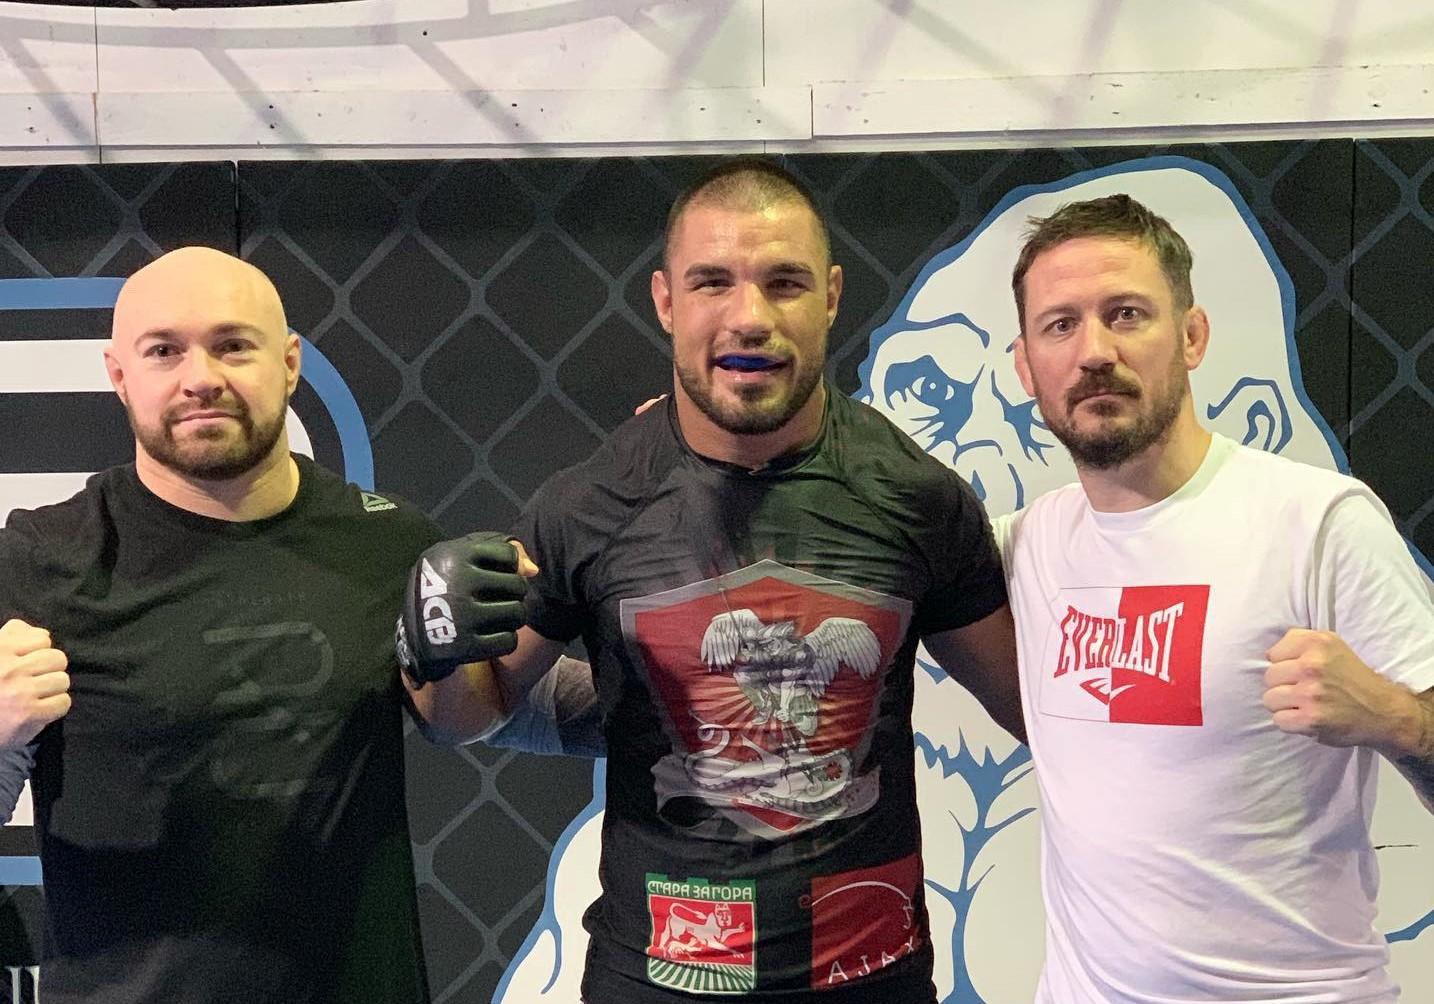 Георги Валентинов се подготвя с треньора на Конър Макгрегър